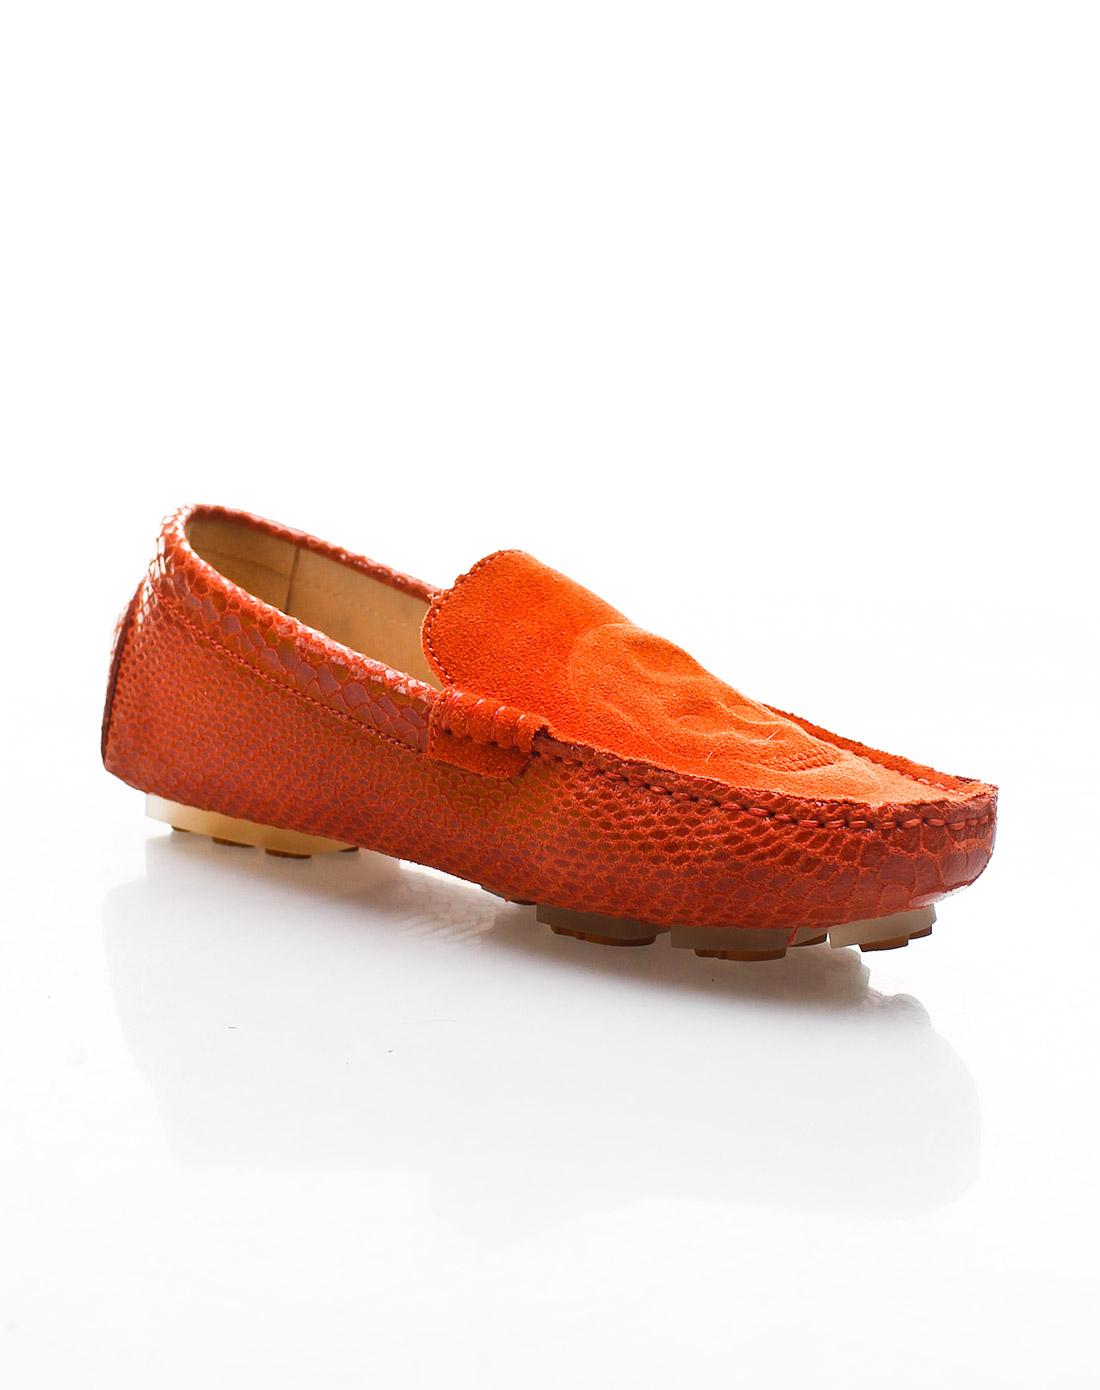 / 橘色豆豆鞋